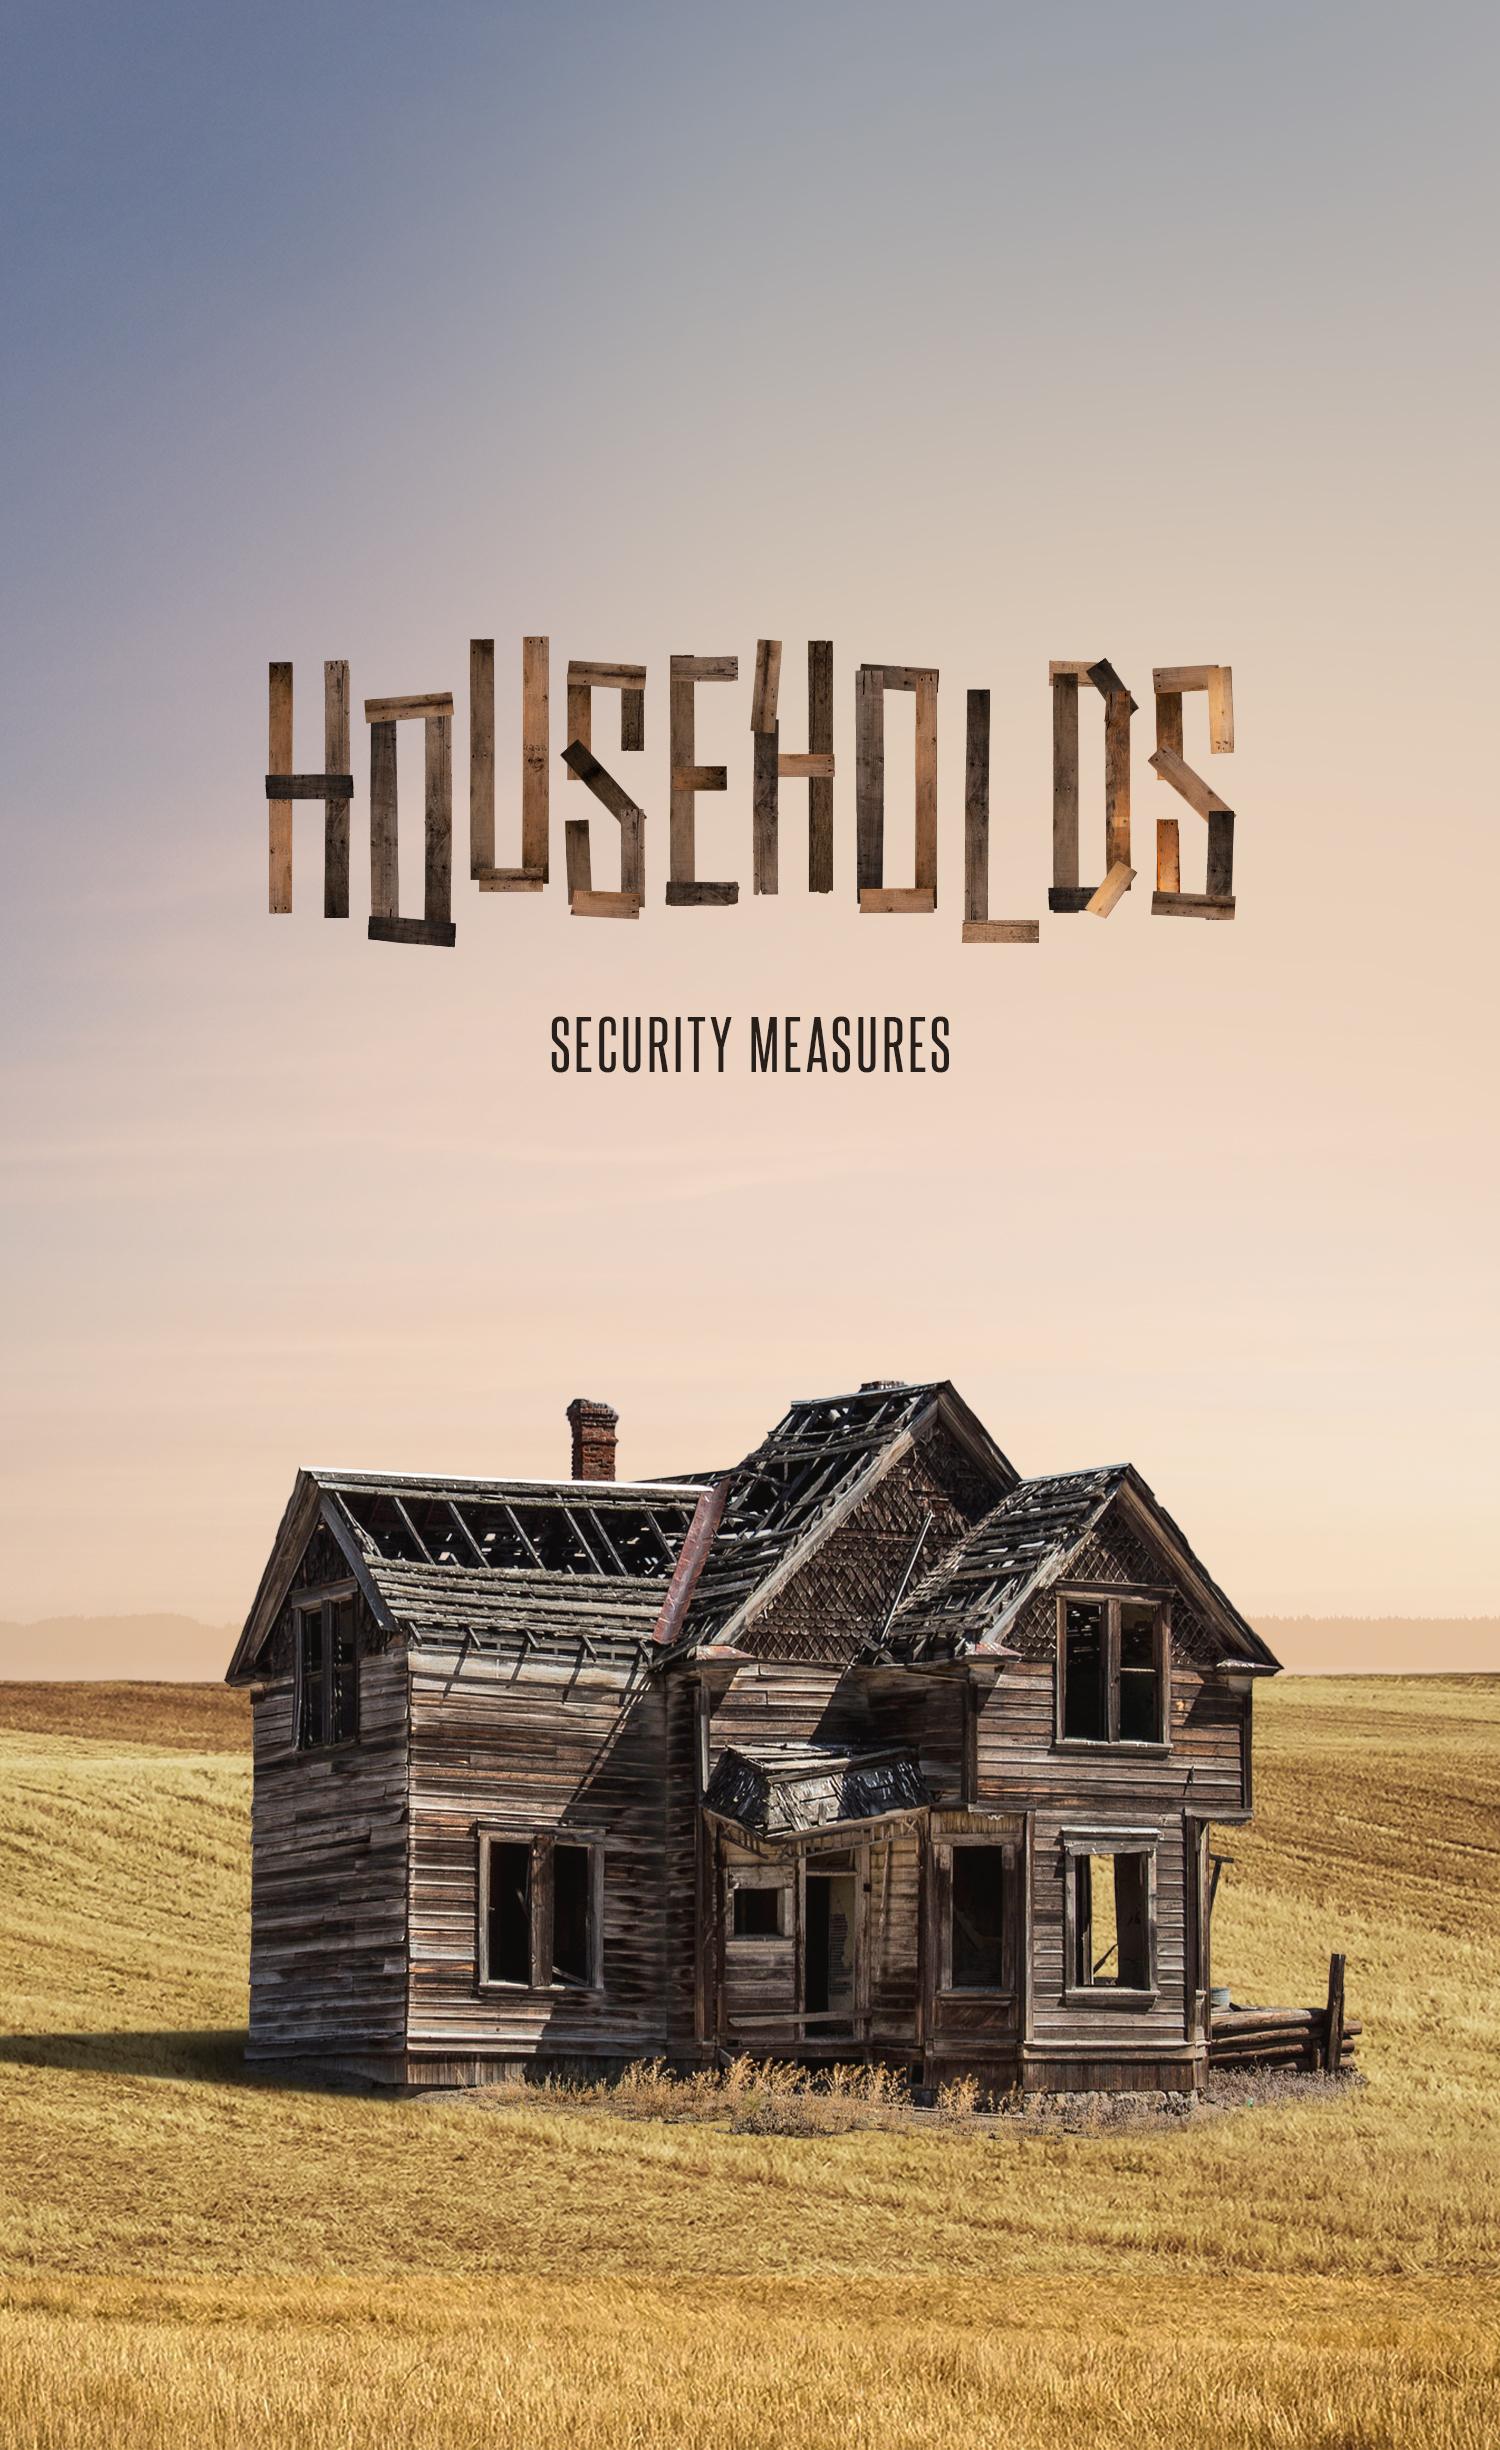 HOUSEHOLDS WK3 Bulletin 1500x2450.jpg